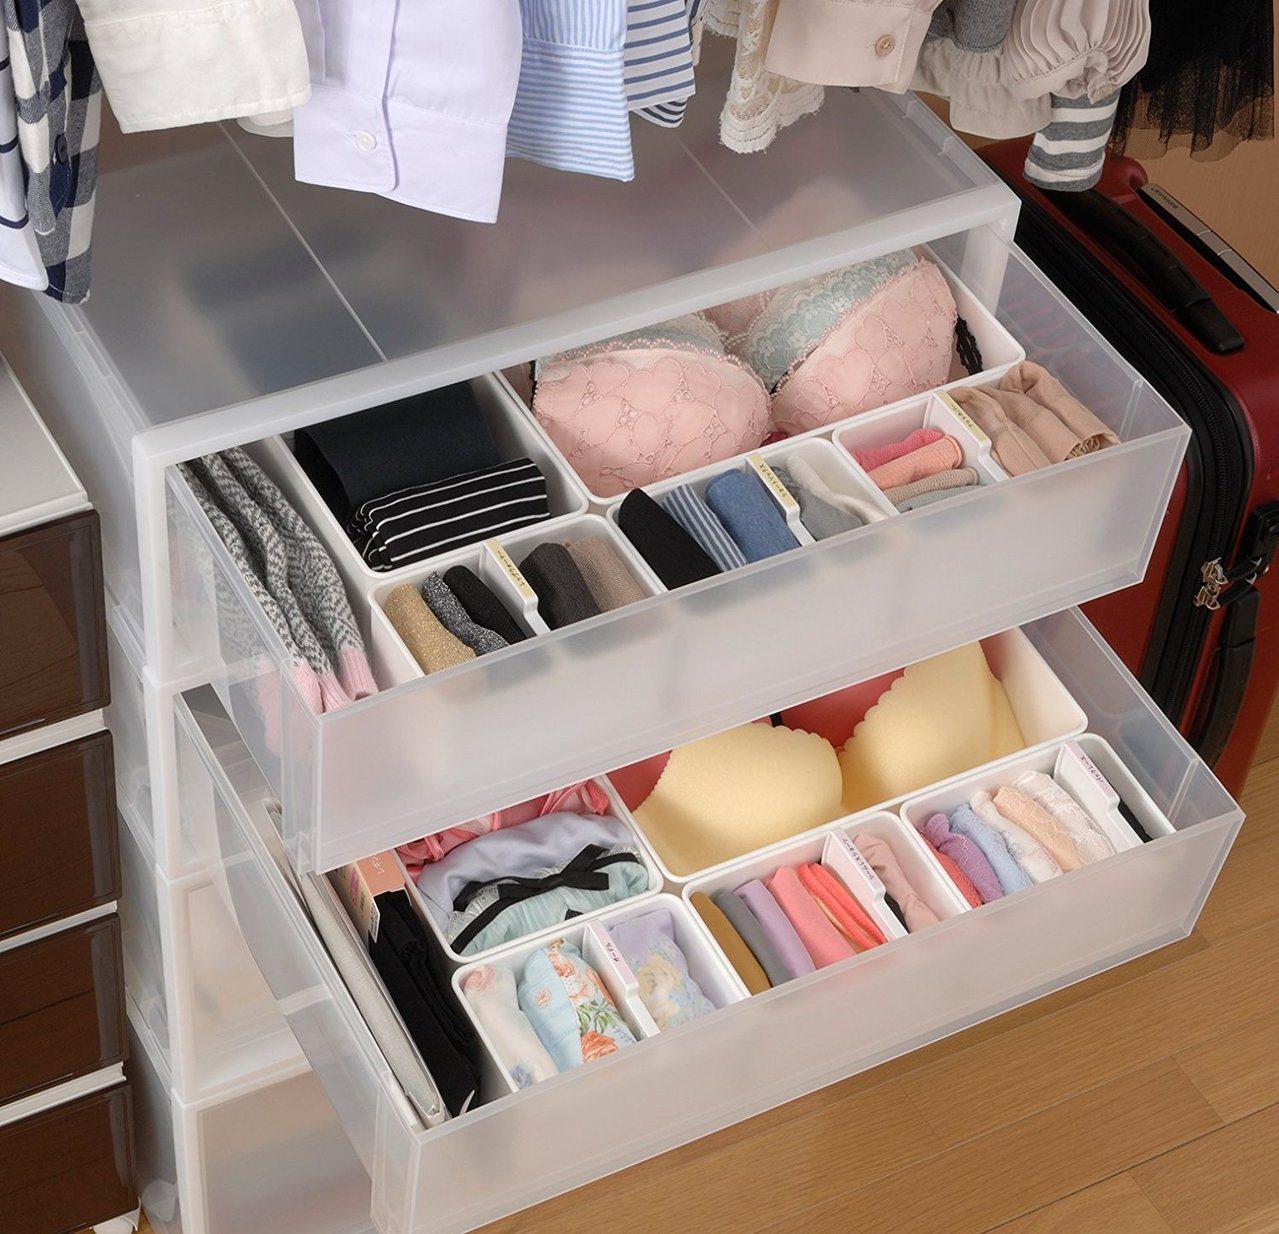 台隆手創館貼身衣物收納盒可將冬天要穿的發熱衣、厚褲襪、內搭褲,絲巾等以分隔收納、...